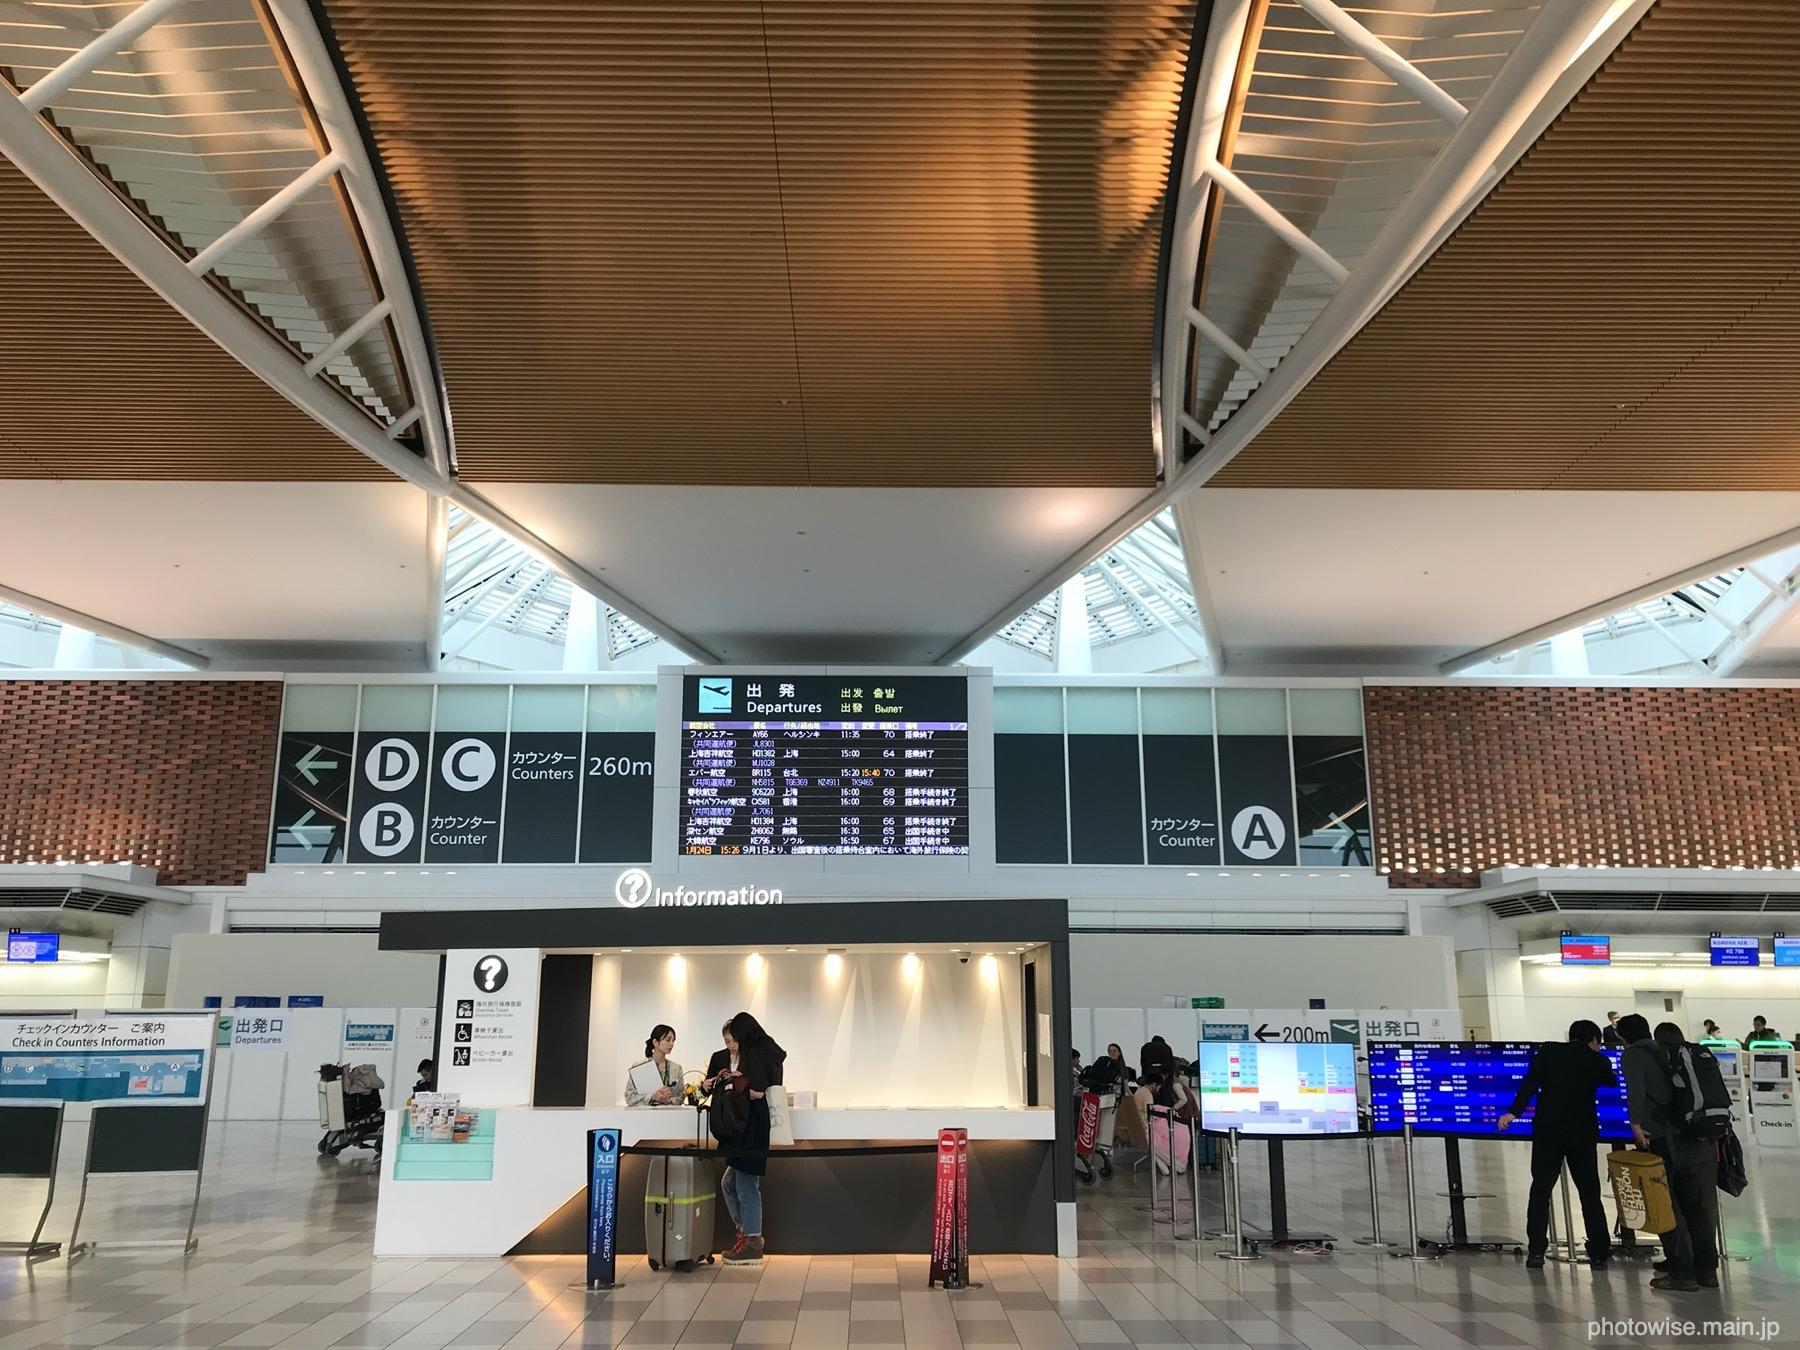 新千歳空港国際線のインフォメーション